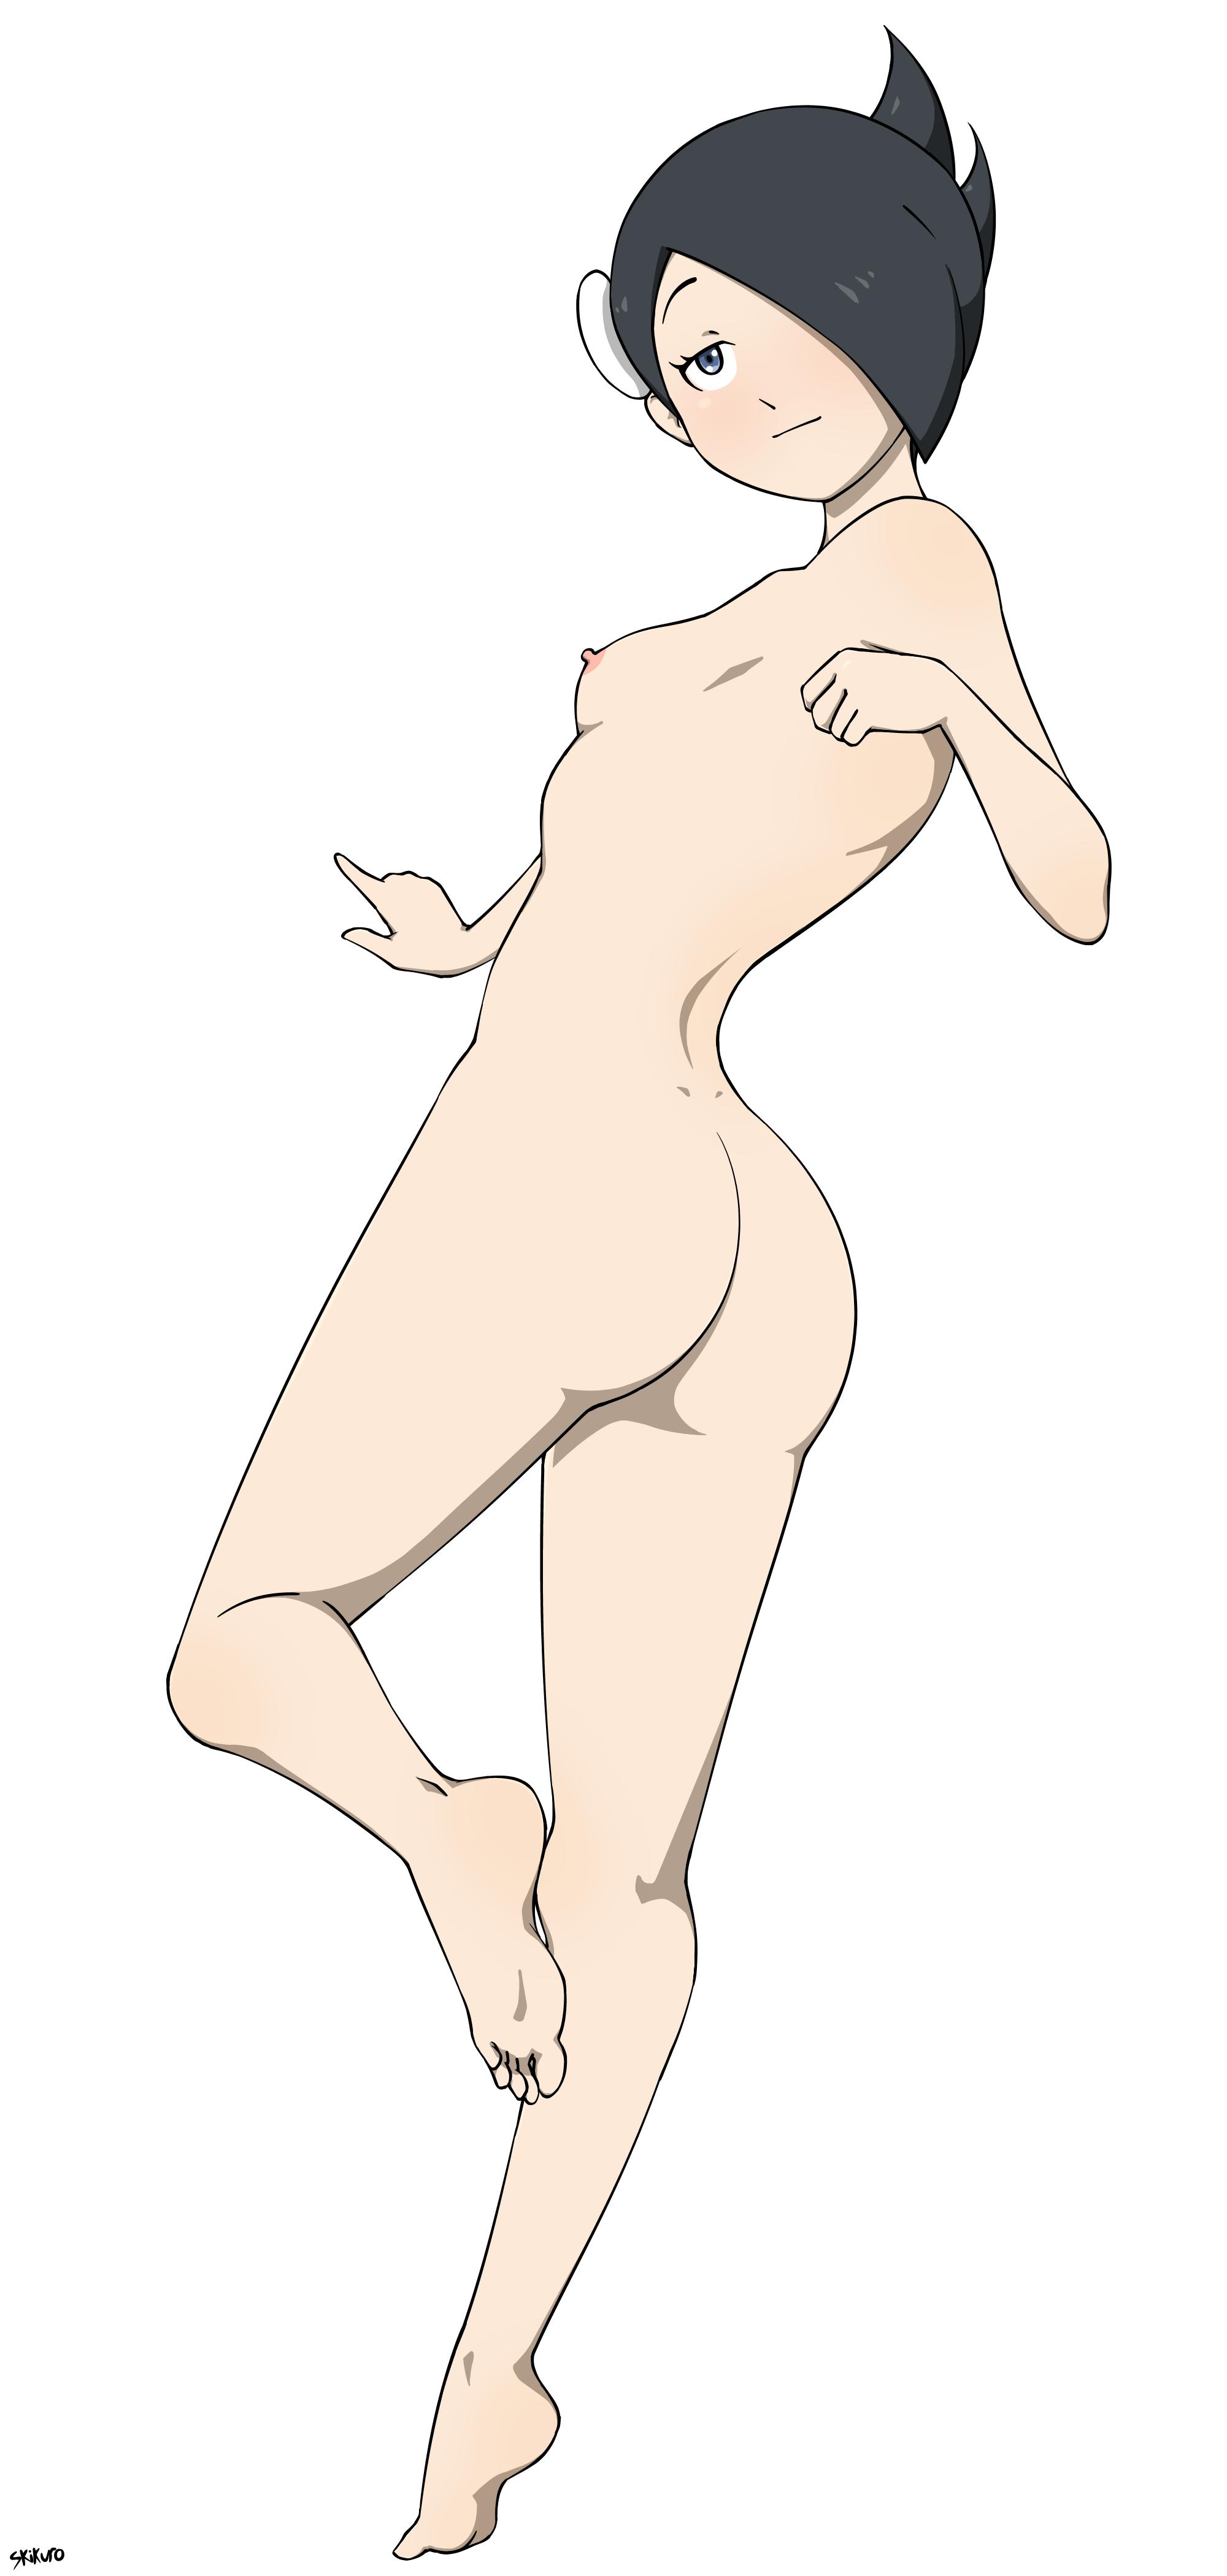 ポケモン女性キャラのエロ画像ver35 [無断転載禁止]©bbspink.comYouTube動画>12本 ->画像>1030枚